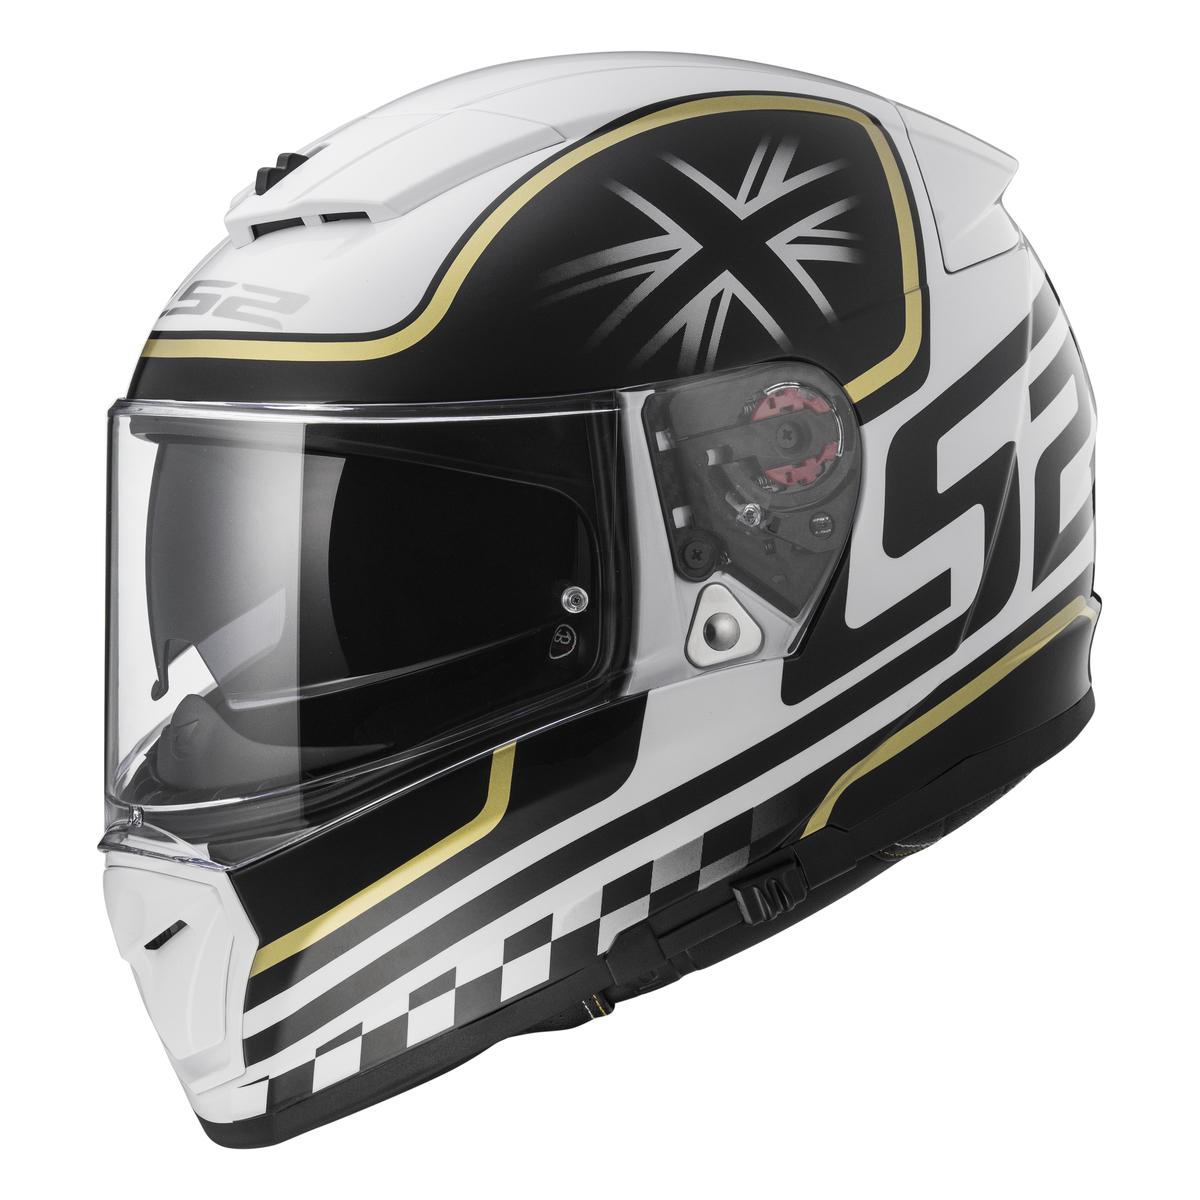 Nuovo casco integrale LS2 BREAKER FF390